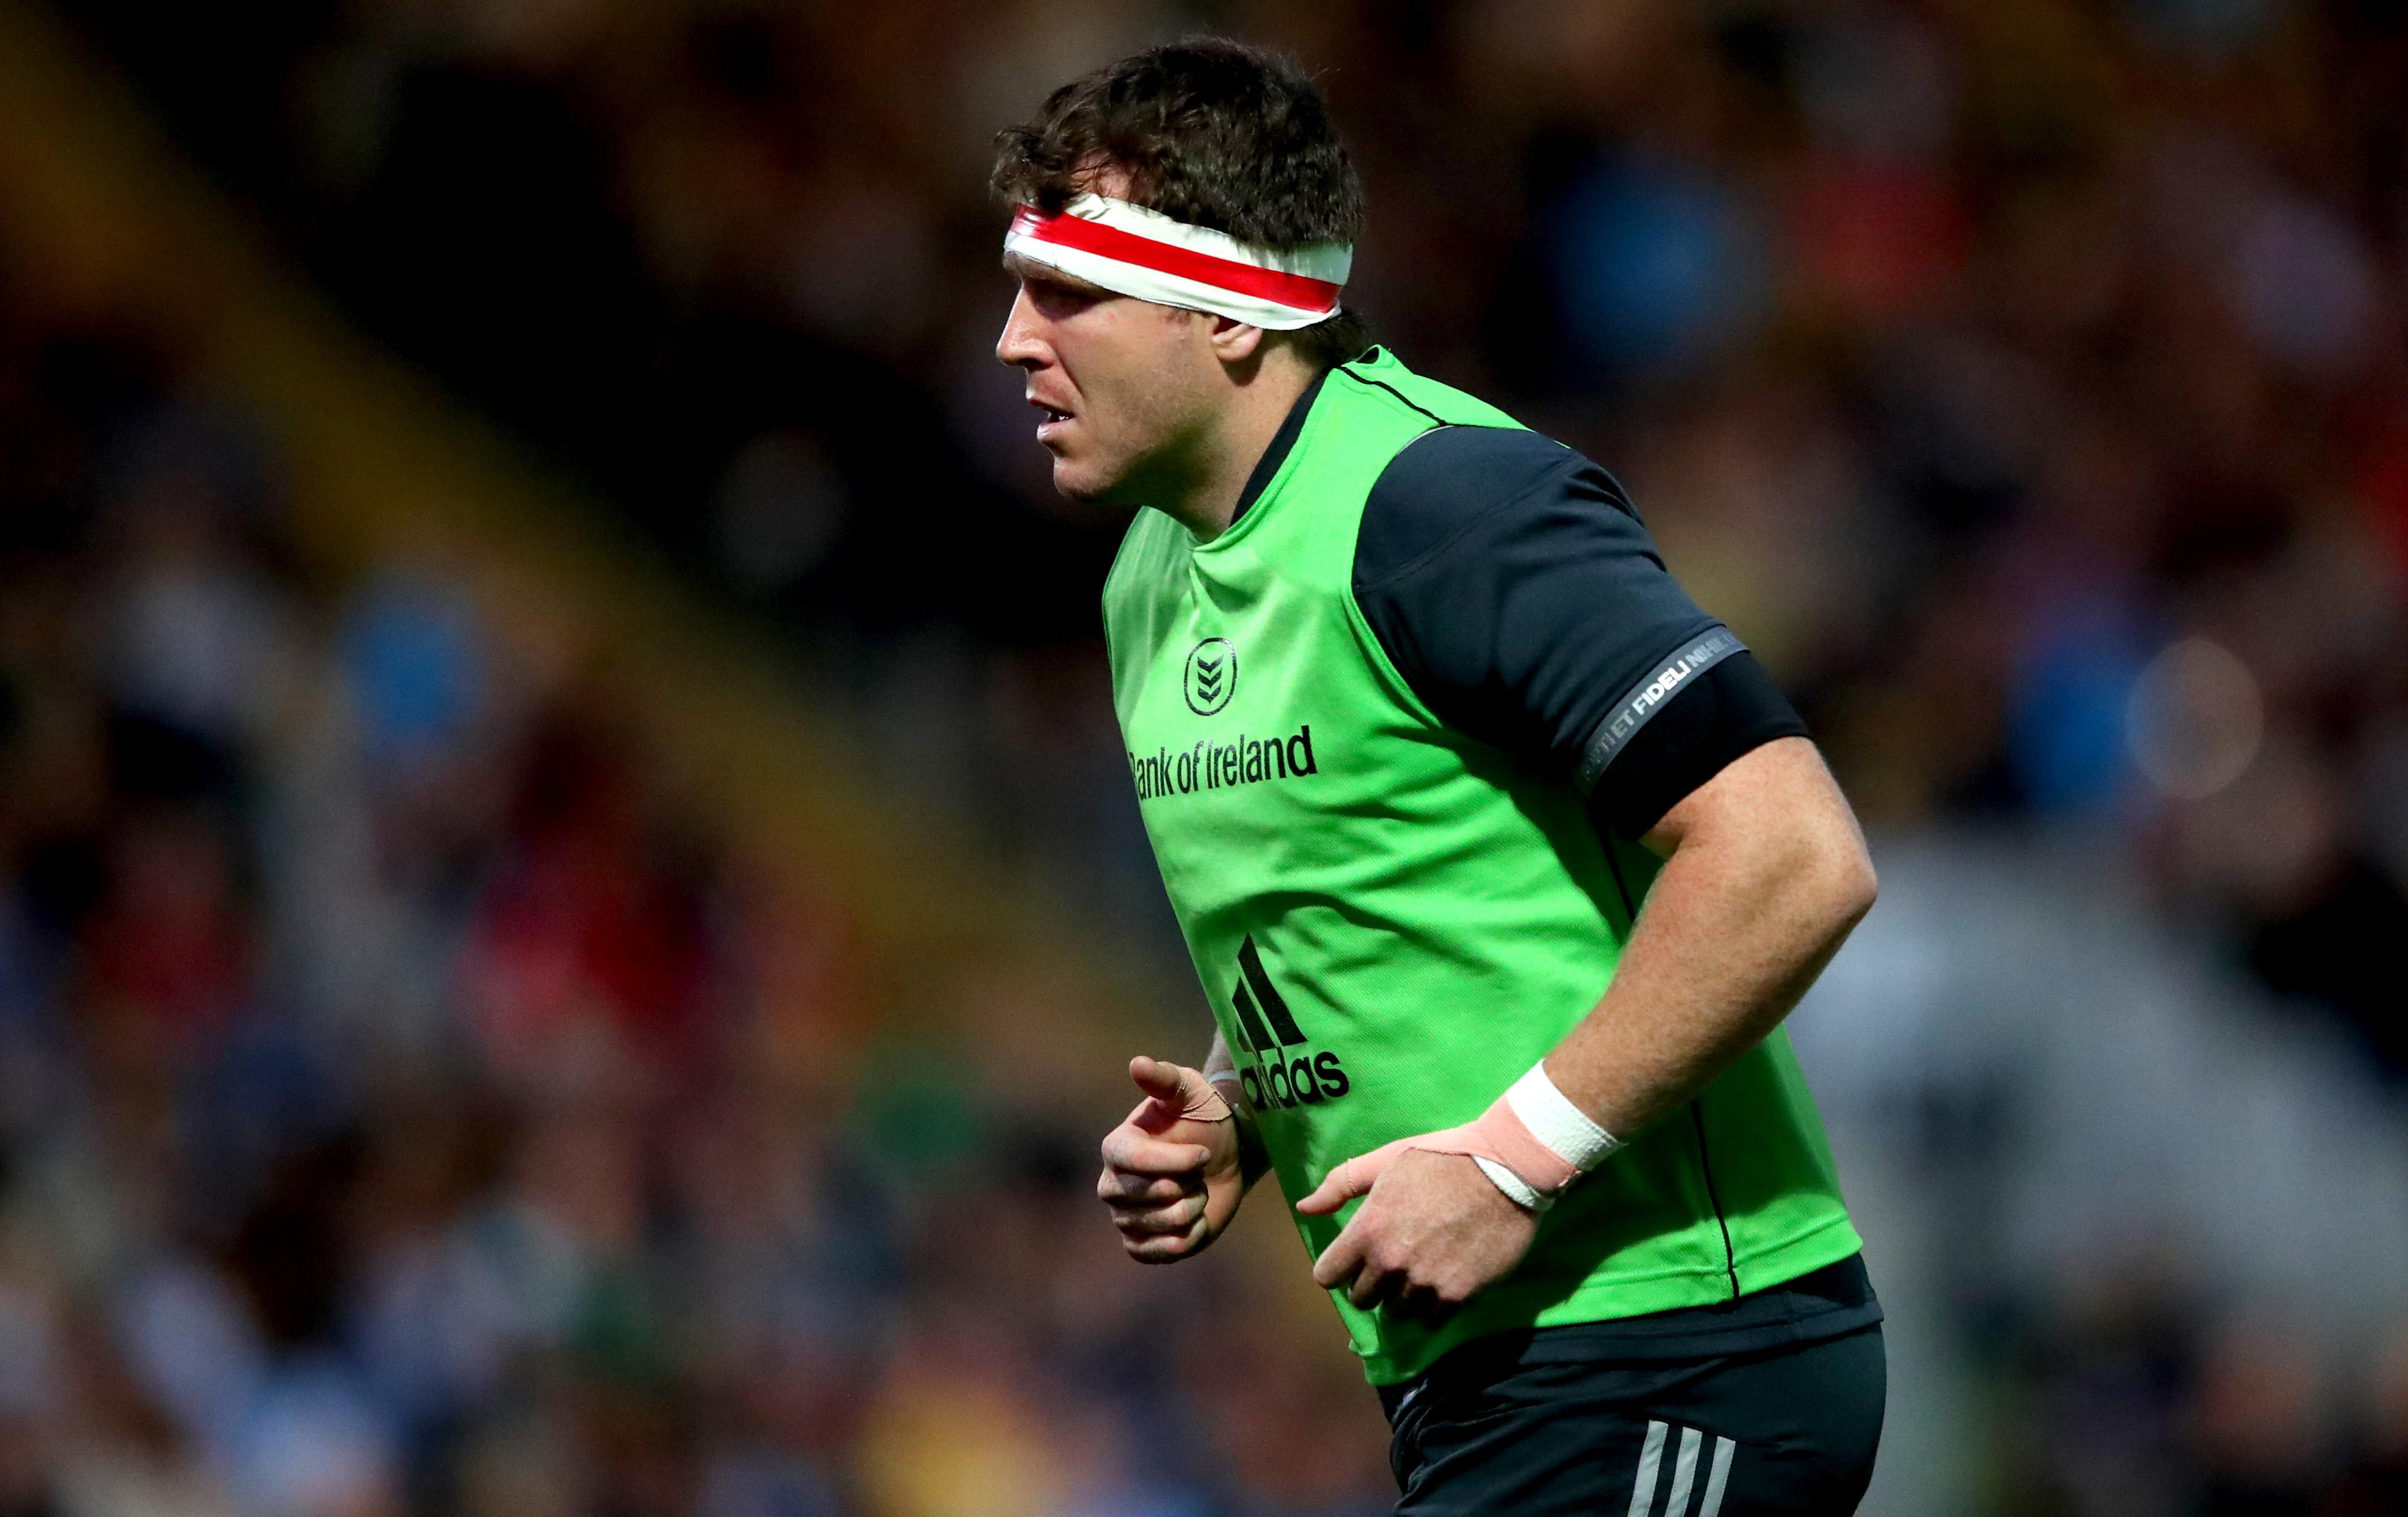 Munster hooker Mike Sherry.